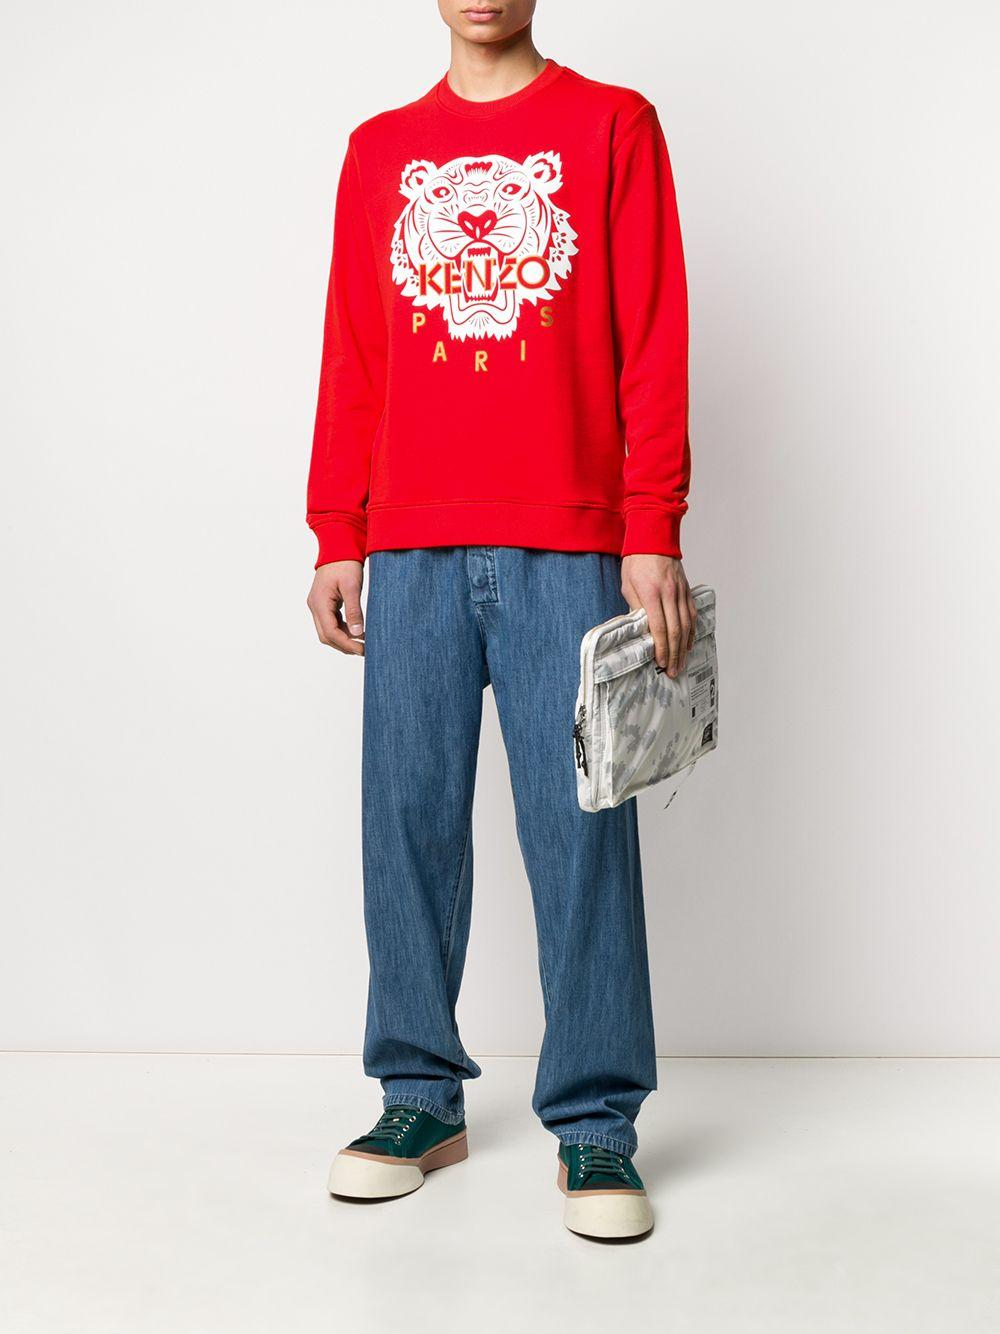 KENZO Katoen Sweater Met Logo in het Rood voor heren